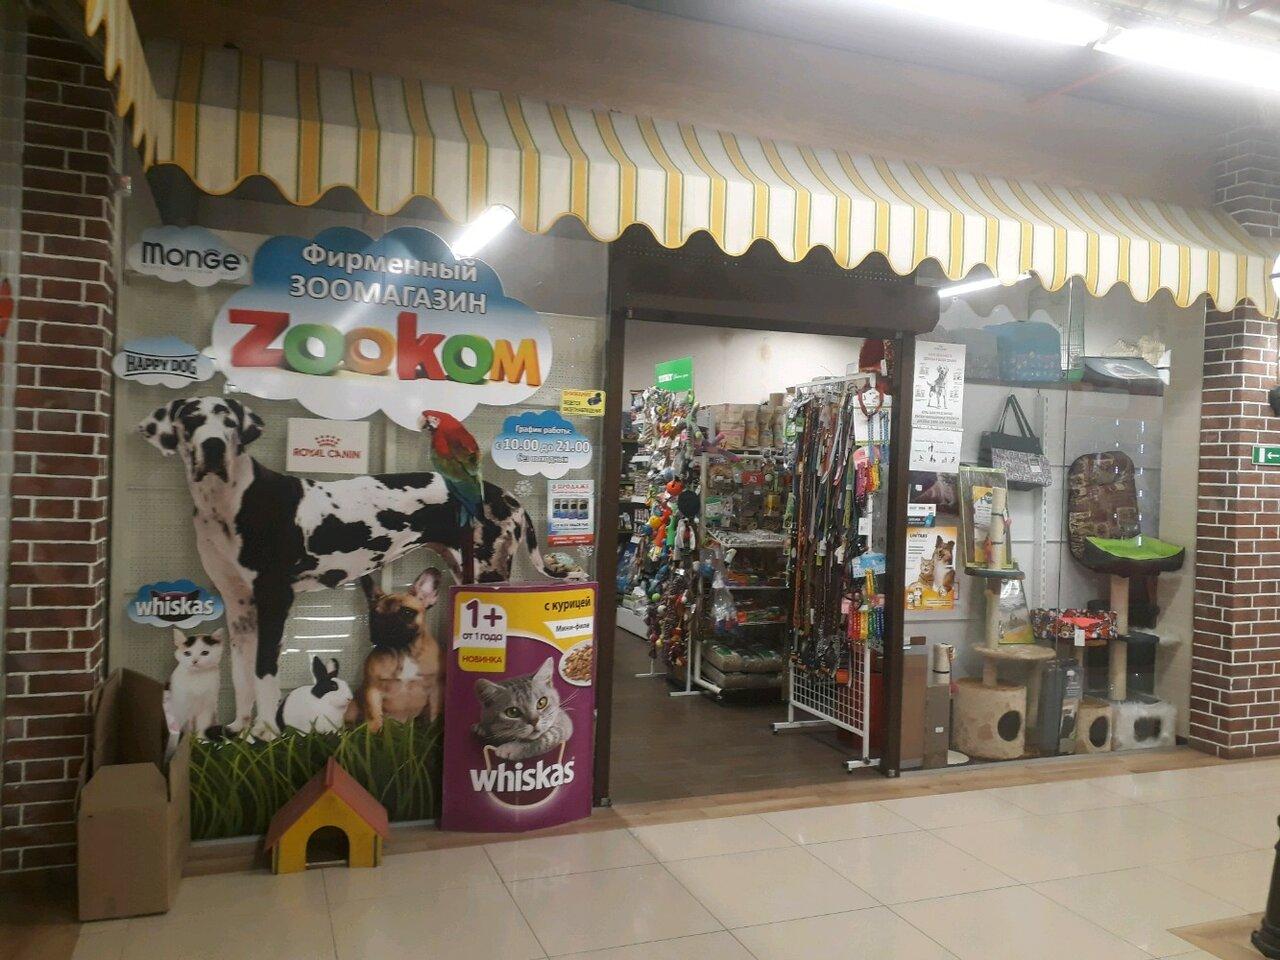 Зооком Севастополь Интернет Магазин